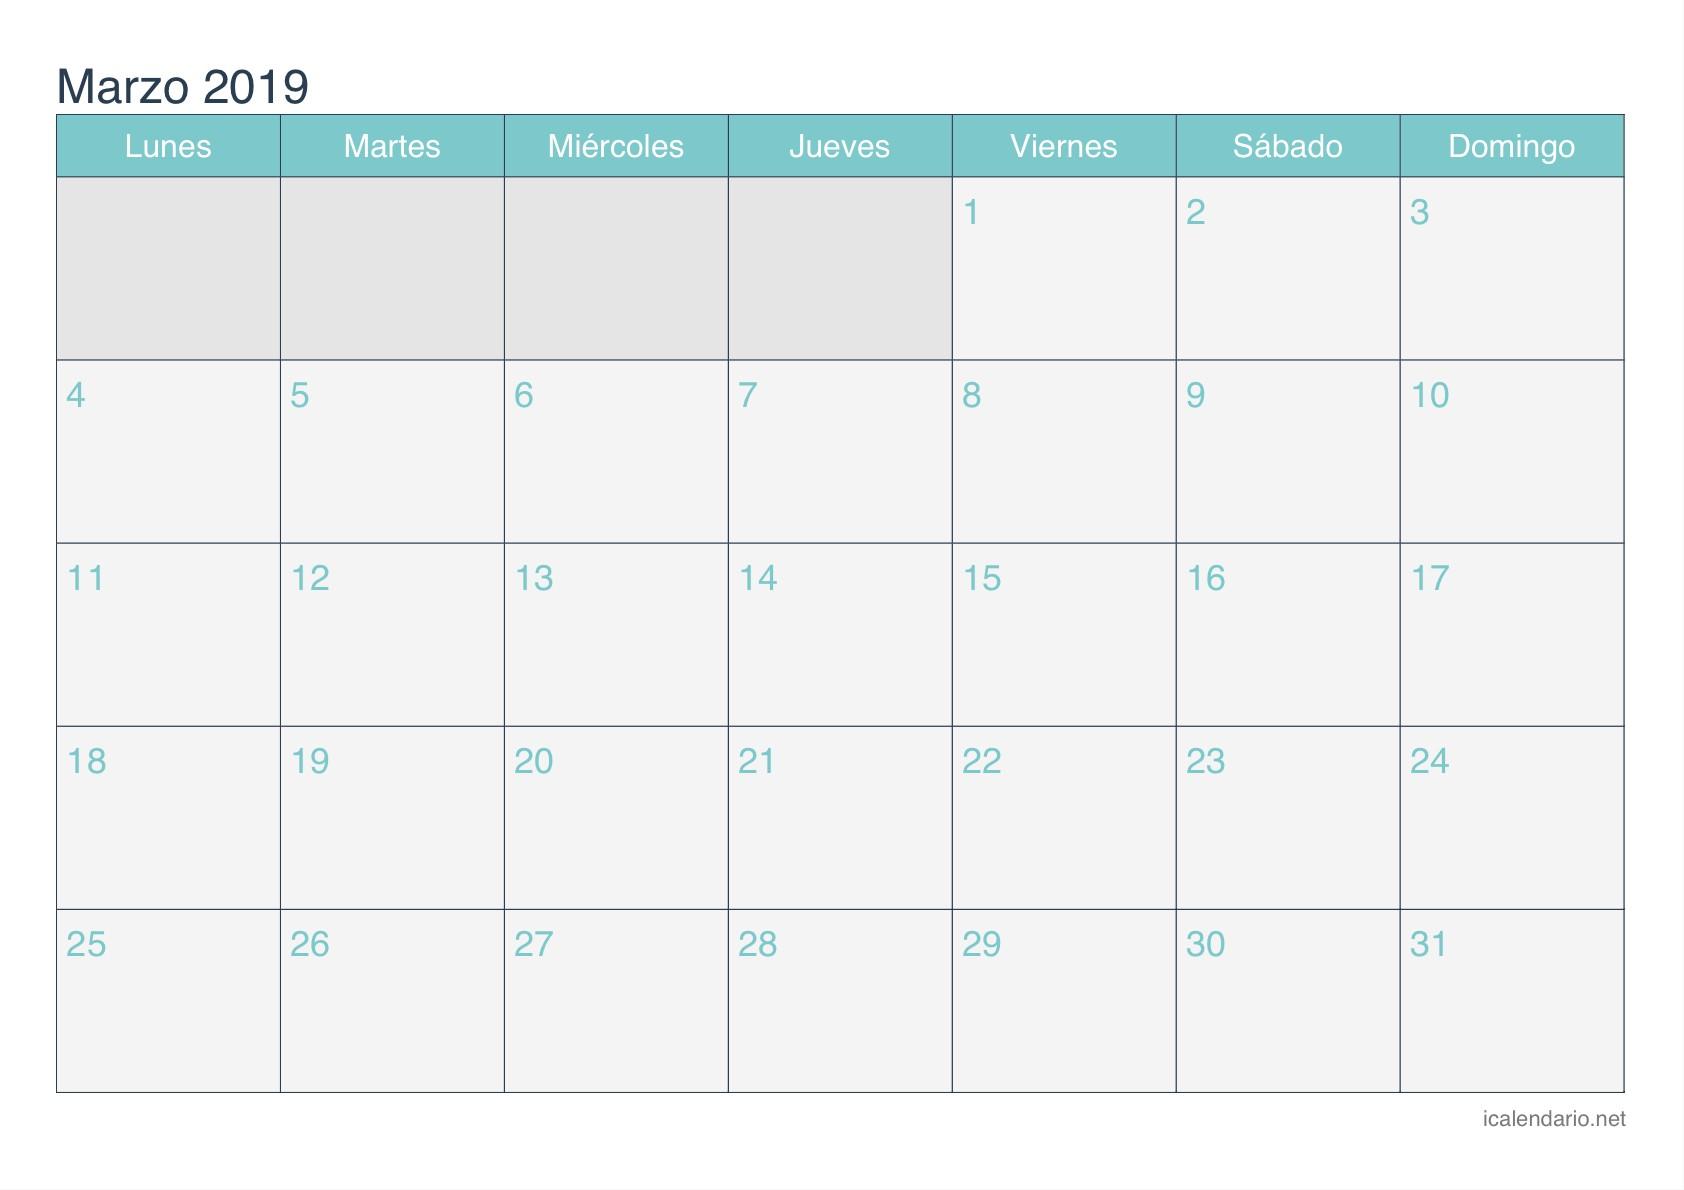 Calendario Escolar 2019 2020 Más Recientes Mes Marzo